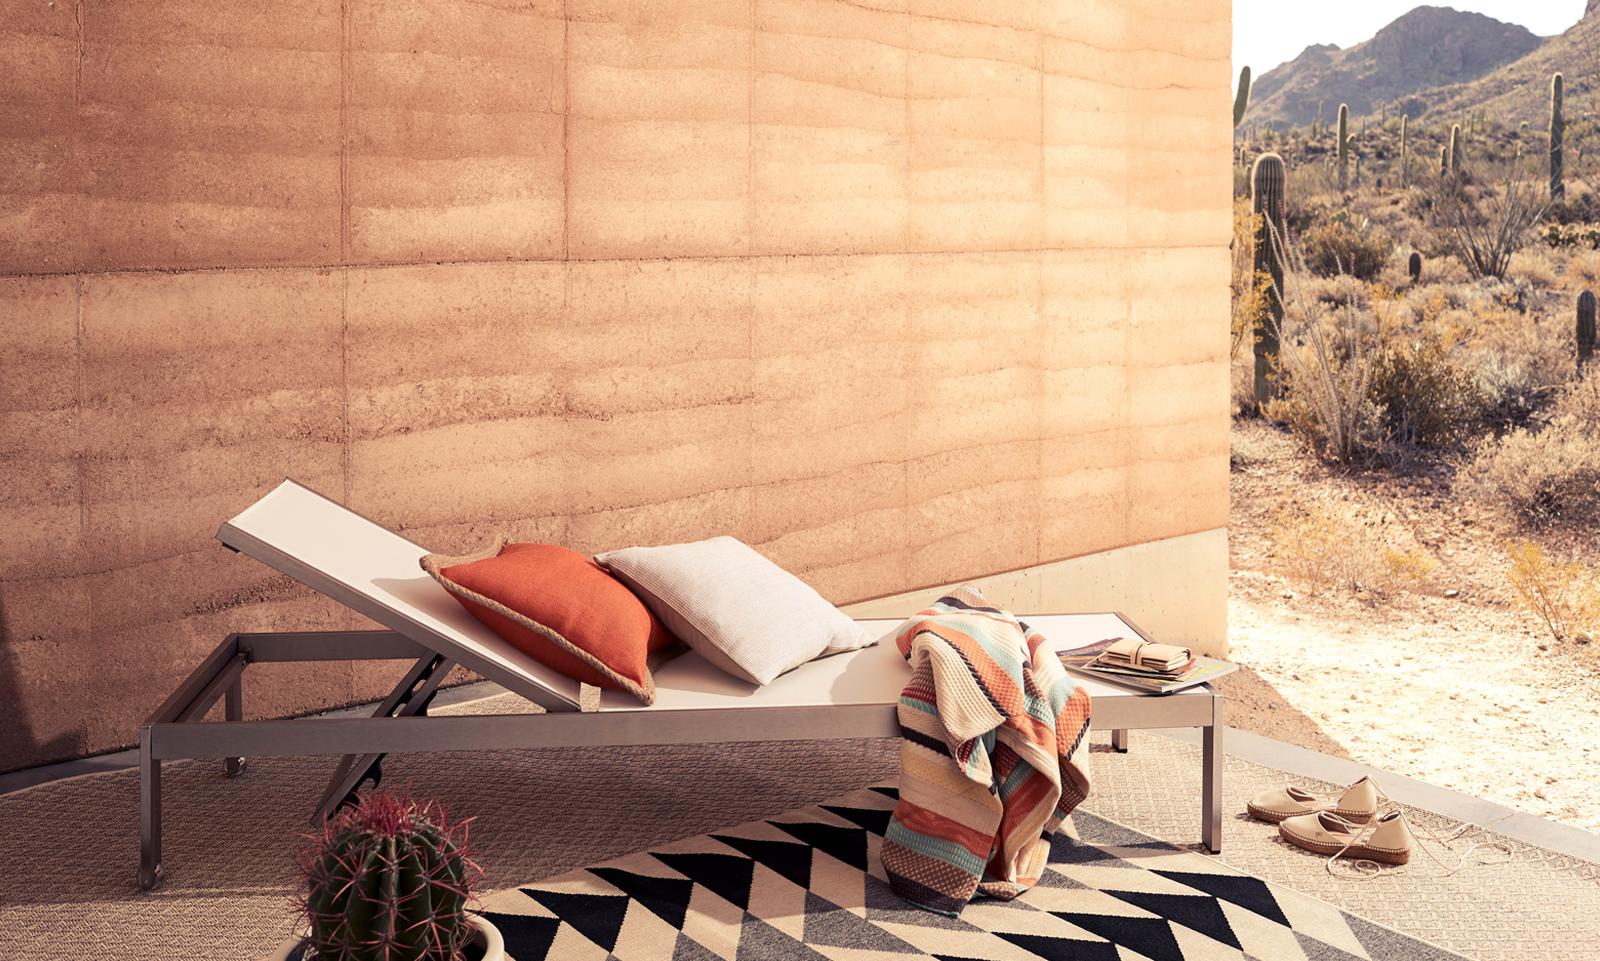 Amazon ModernMarcellus Home Desert Home Desert Amazon Home Neel ModernMarcellus Amazon ModernMarcellus Neel Desert KcFul1JT3